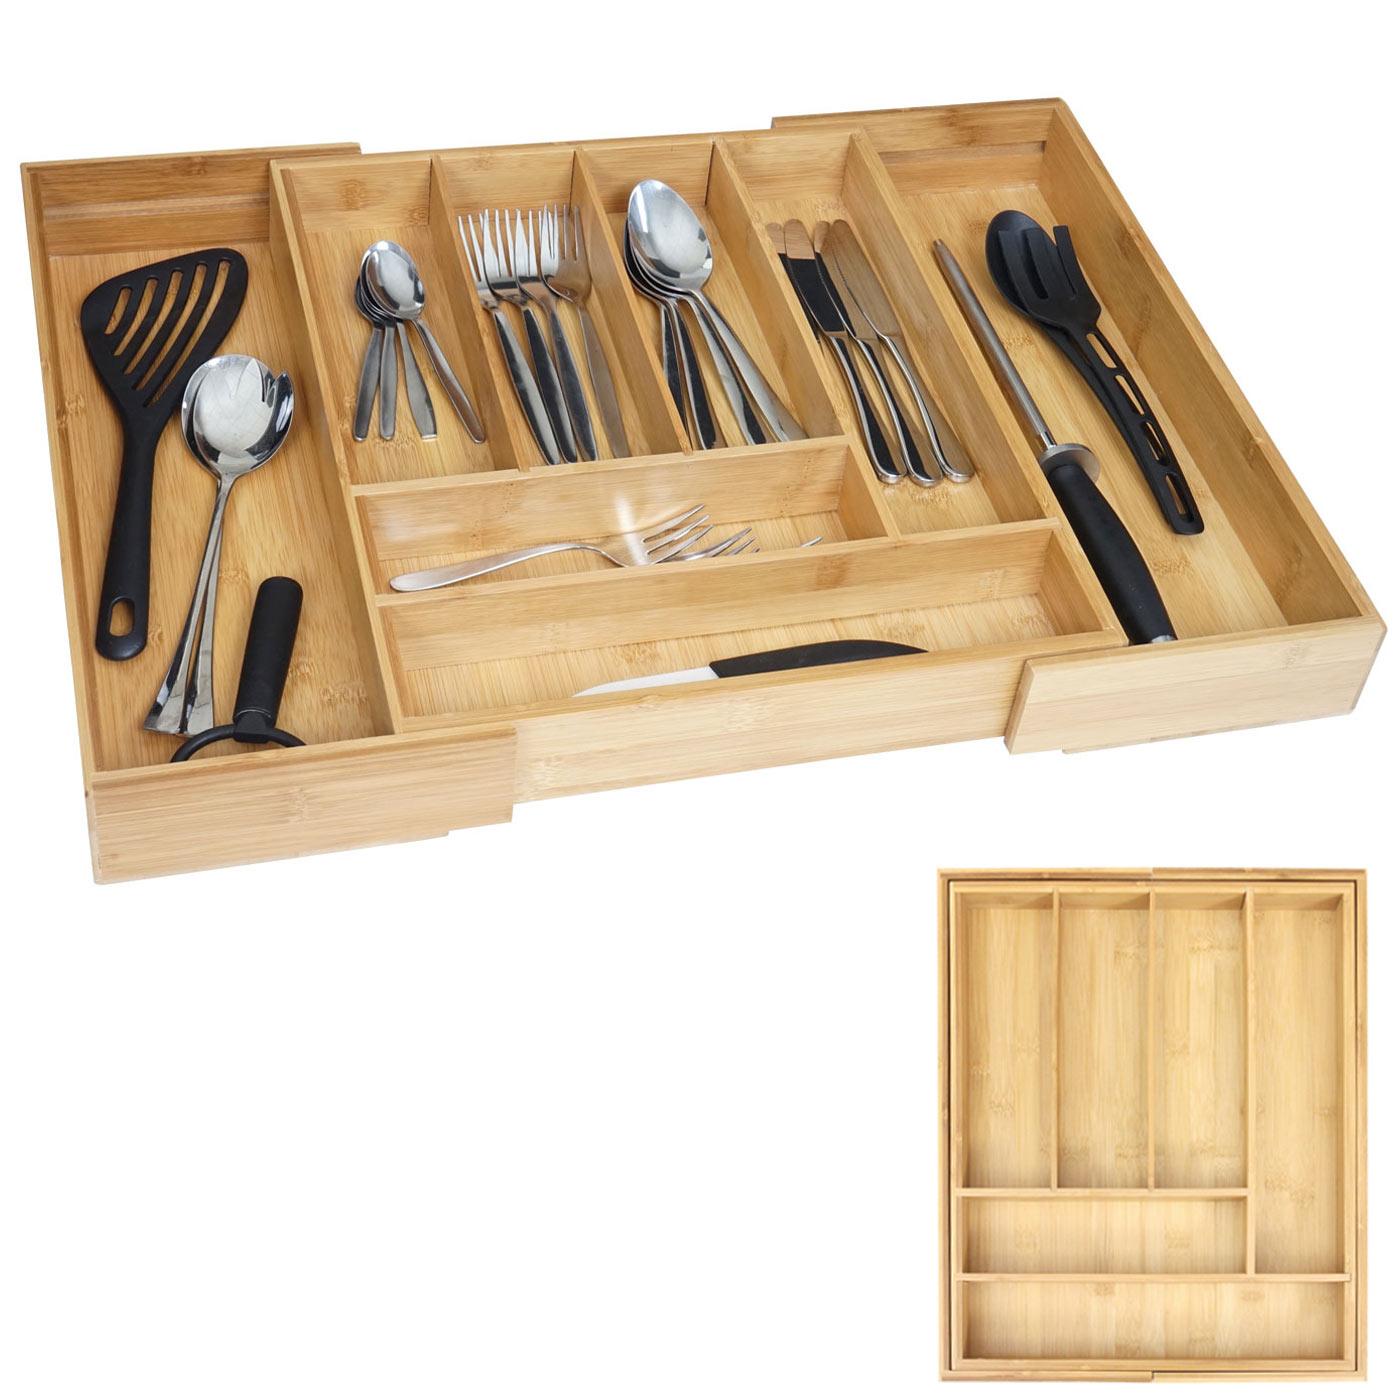 Portaposate hwc b20 inserto cassetti legno bambu - Portaposate per cassetti ...